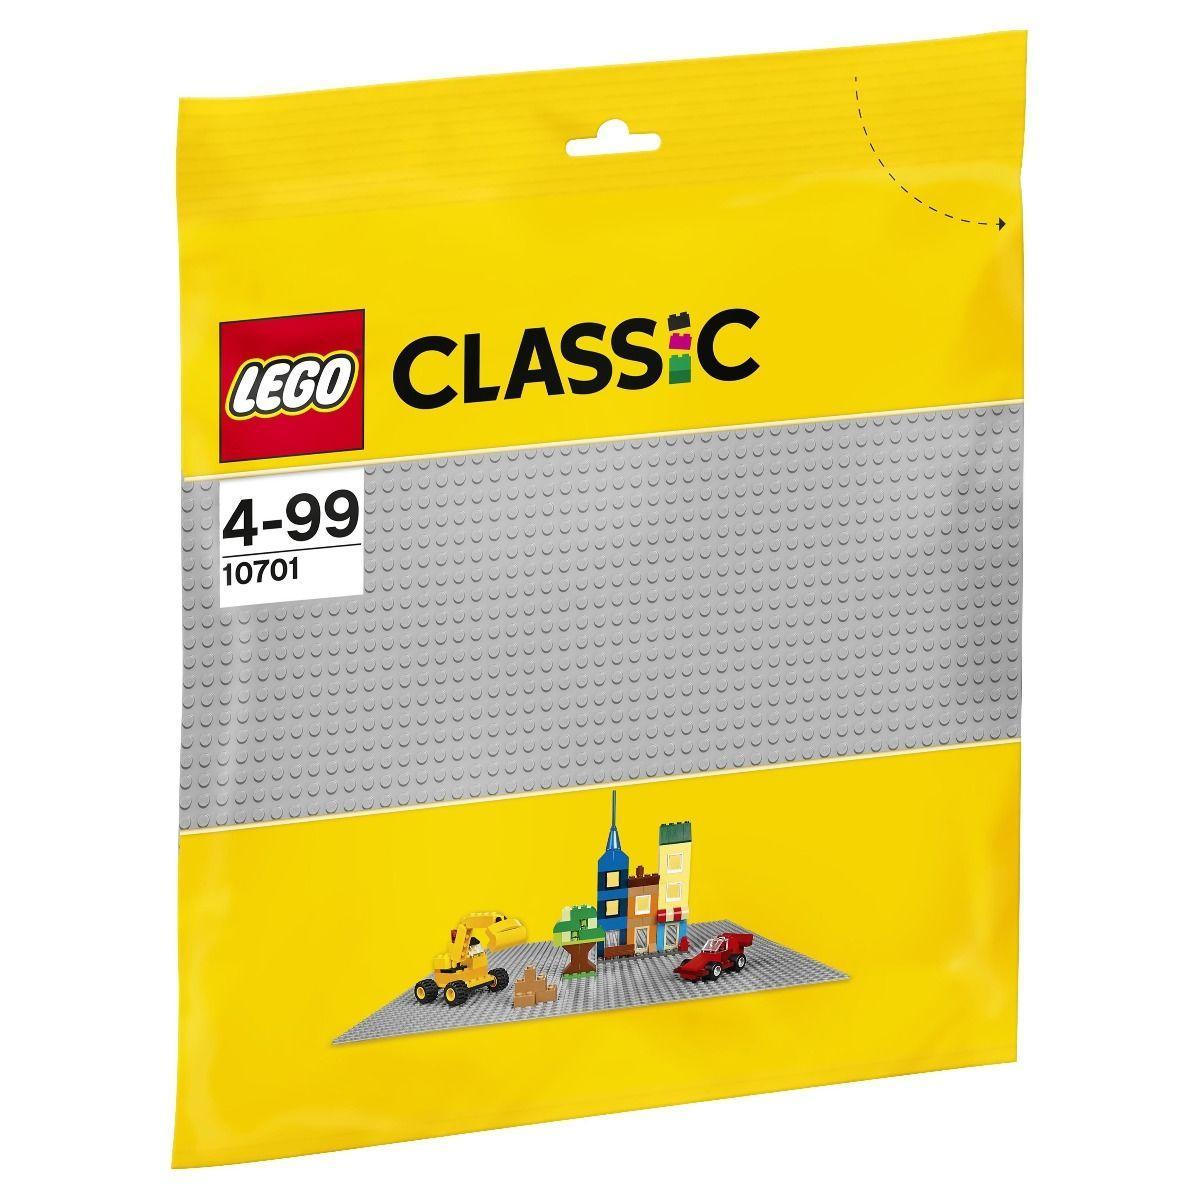 LEGO возраст 4+ : Строительная пластина серого цвета Classic 10701 - фото 4